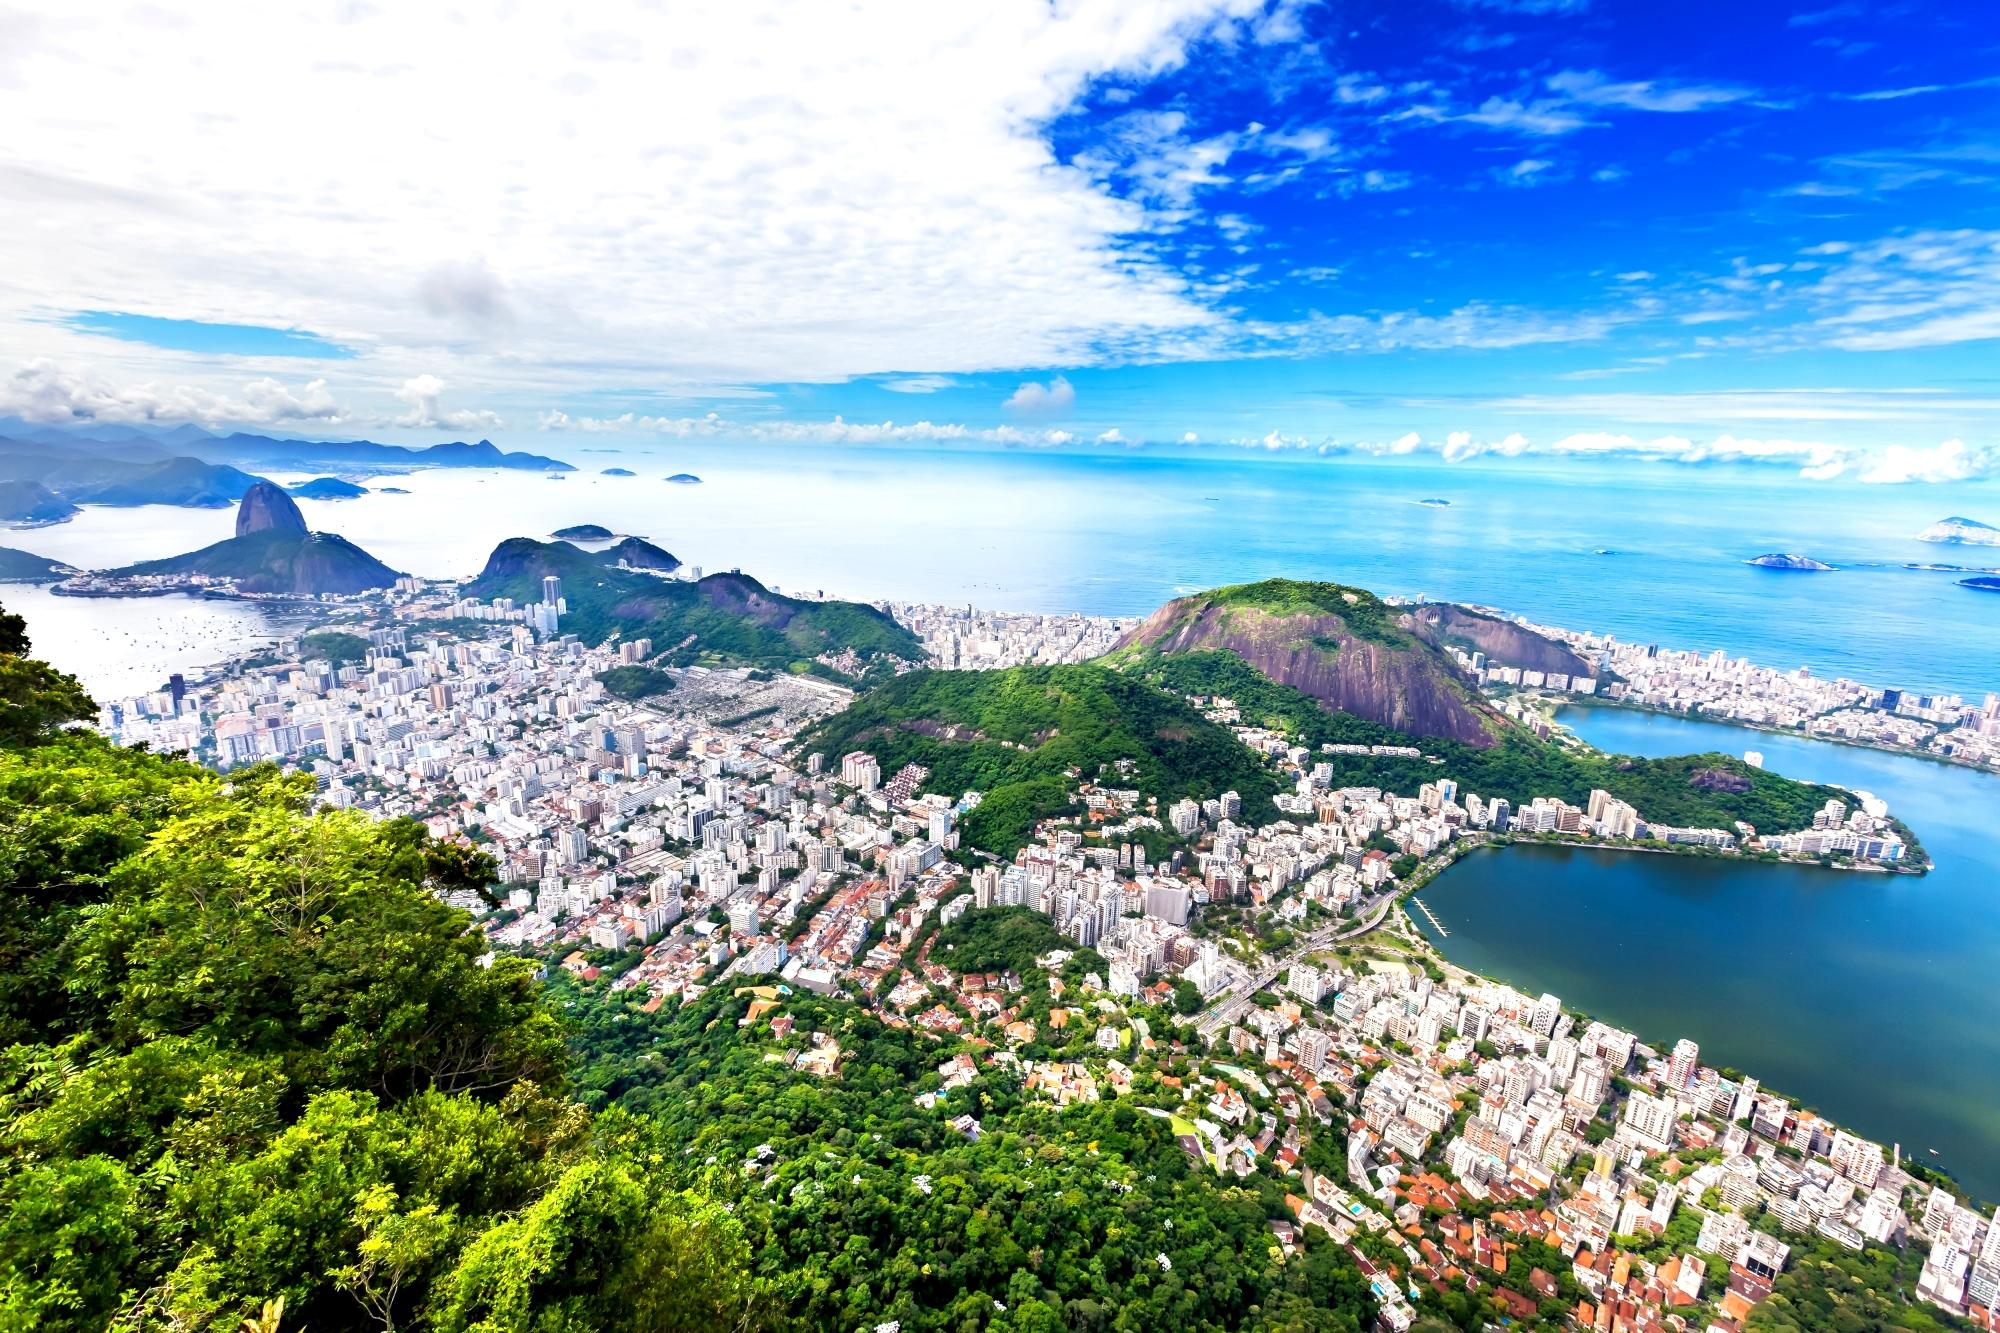 Brazylia Nowo U015bci U0105 Na Zim U0119 Oto Najwi U0119ksze Atrakcje WP